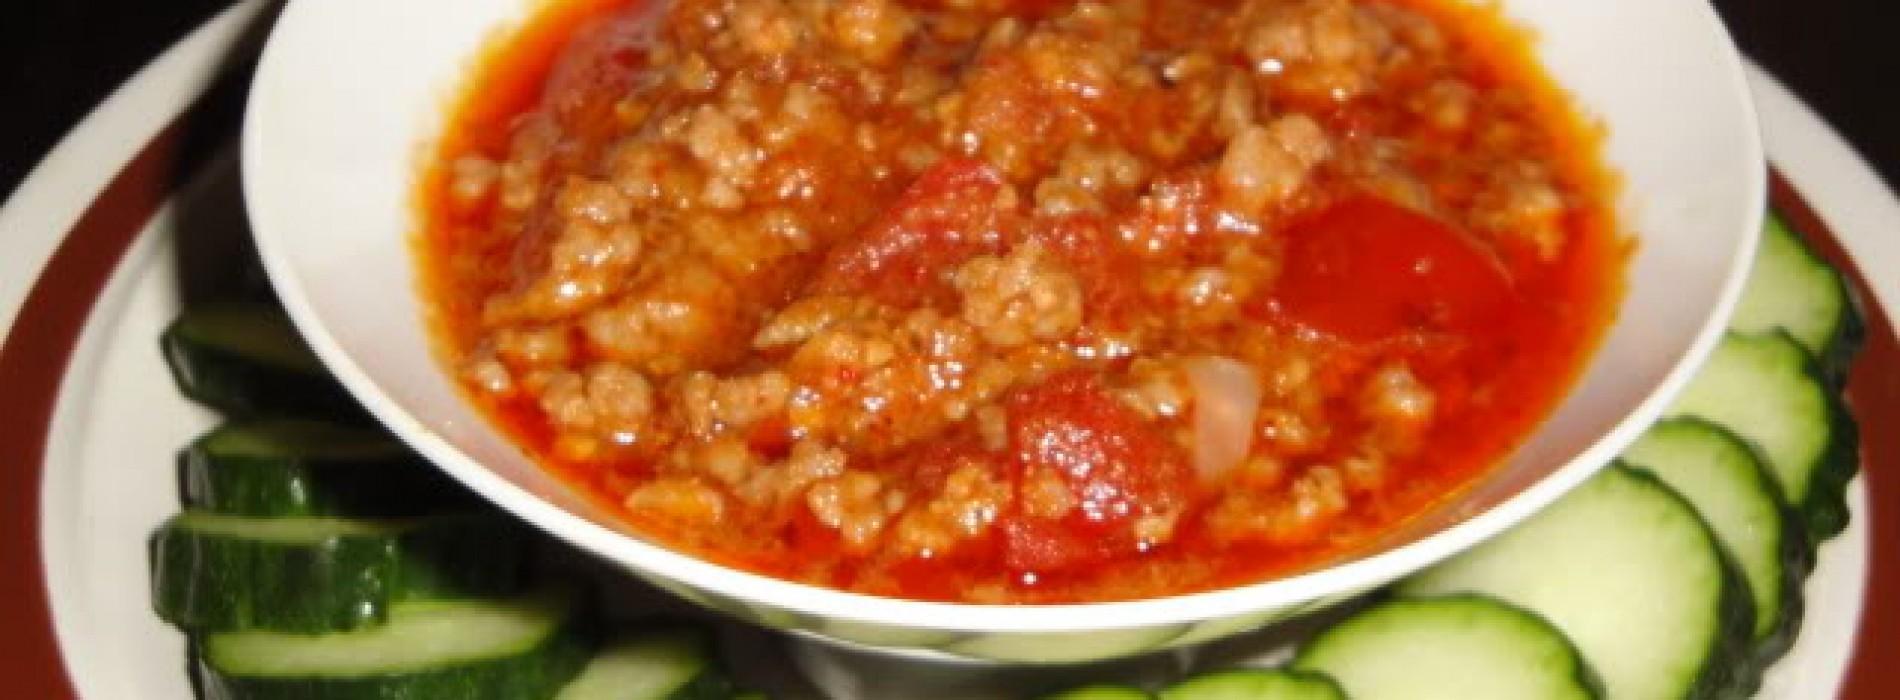 10 เมนูน้ำพริกเจ แซบ อร่อย น่าทาน มีประโยชน์!